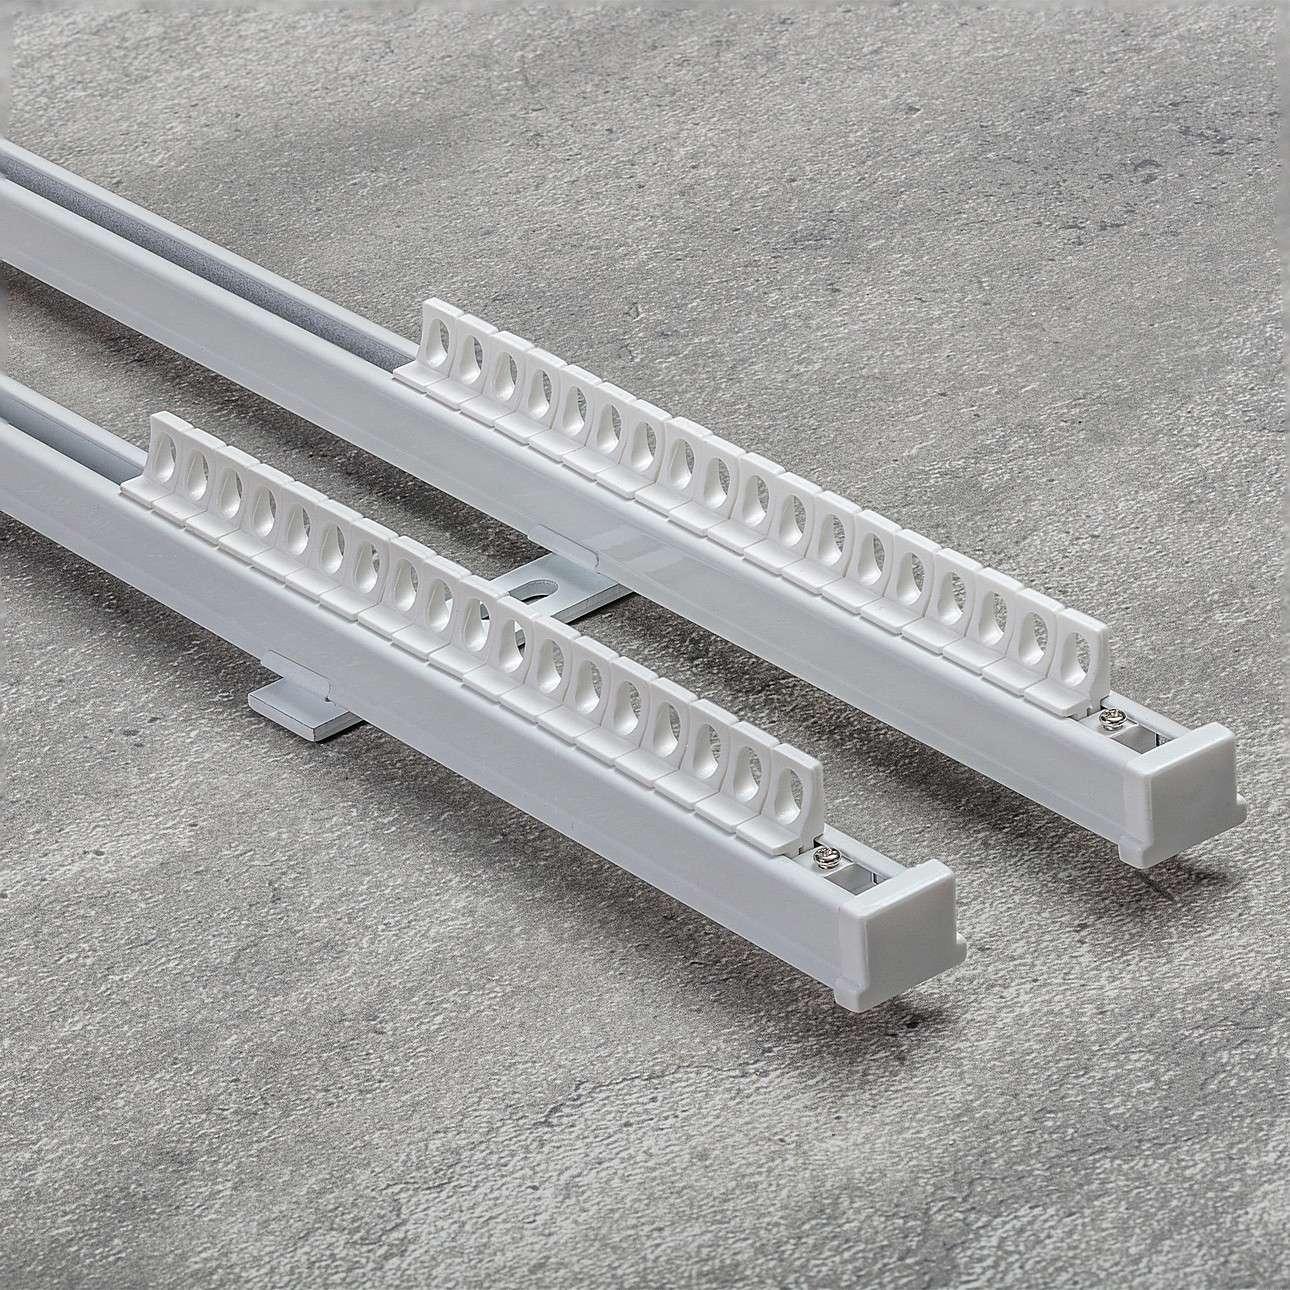 Komplet- szyna przysufitowa aluminiowa TS podwójna 150cm